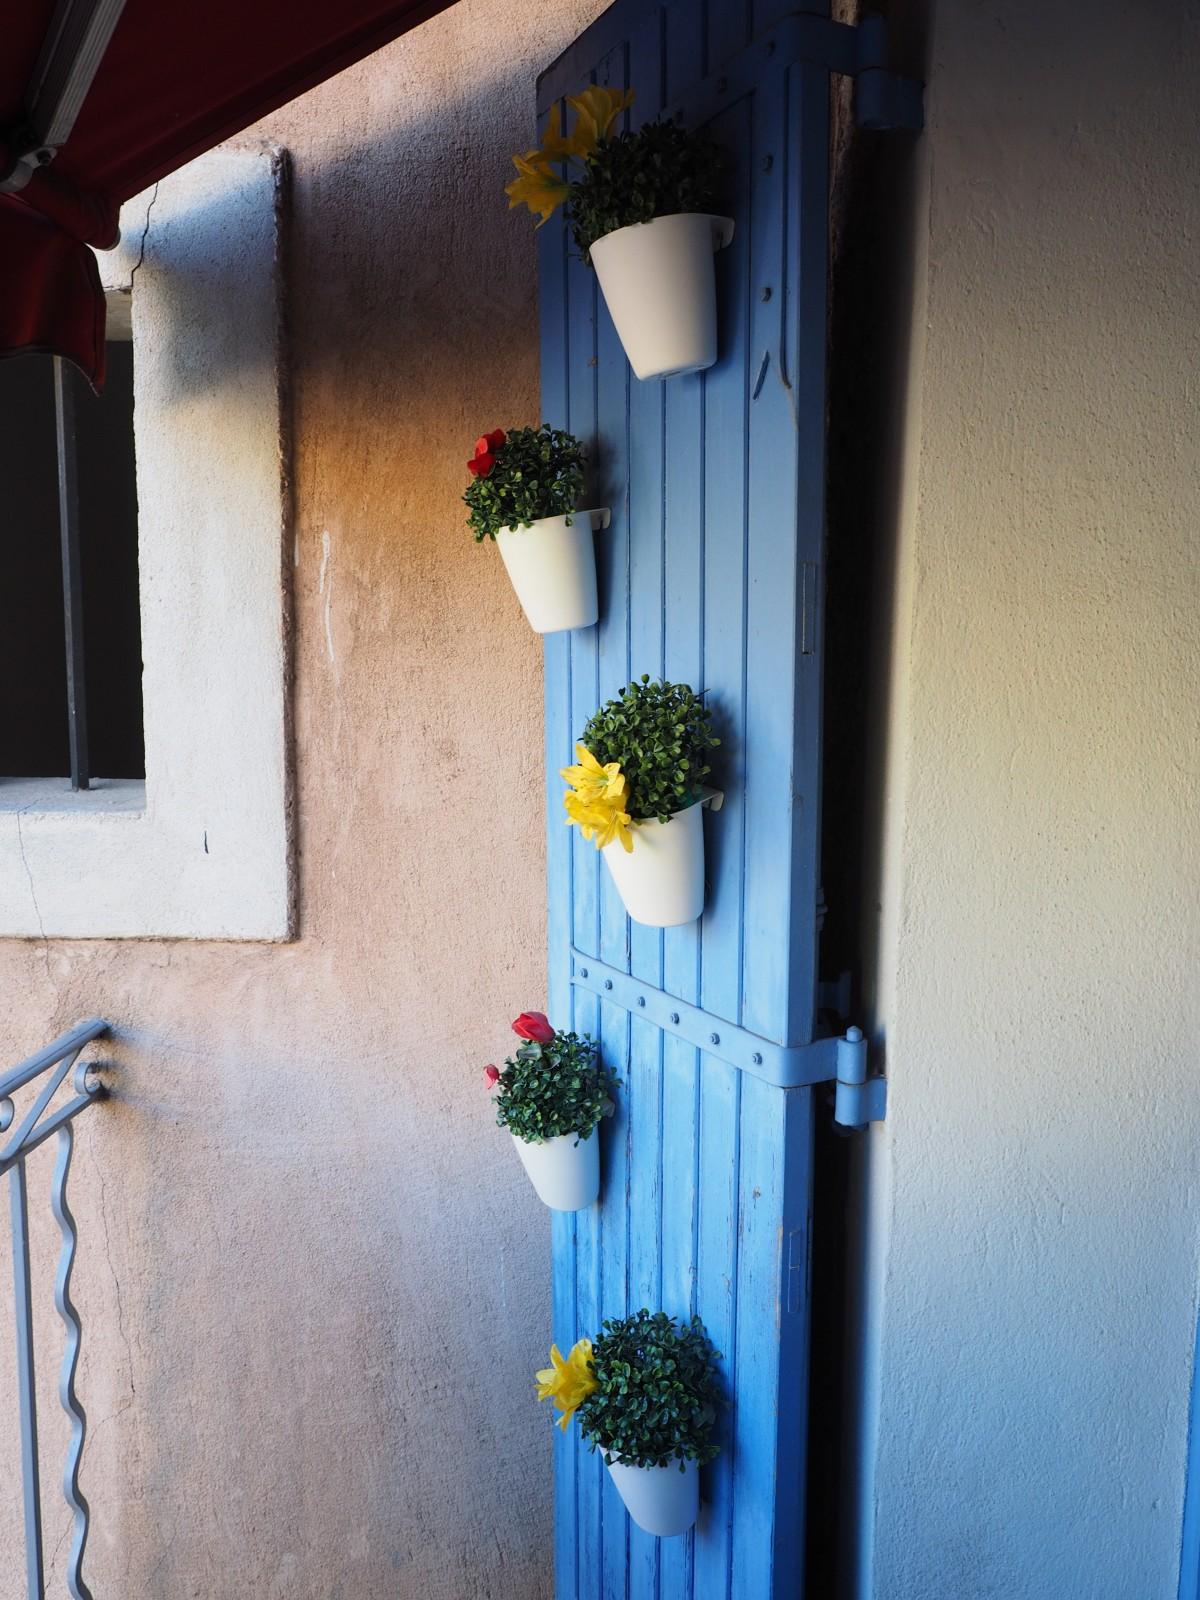 Fotos gratis libro planta blanco casa flor pared - Libros de decoracion de interiores gratis ...